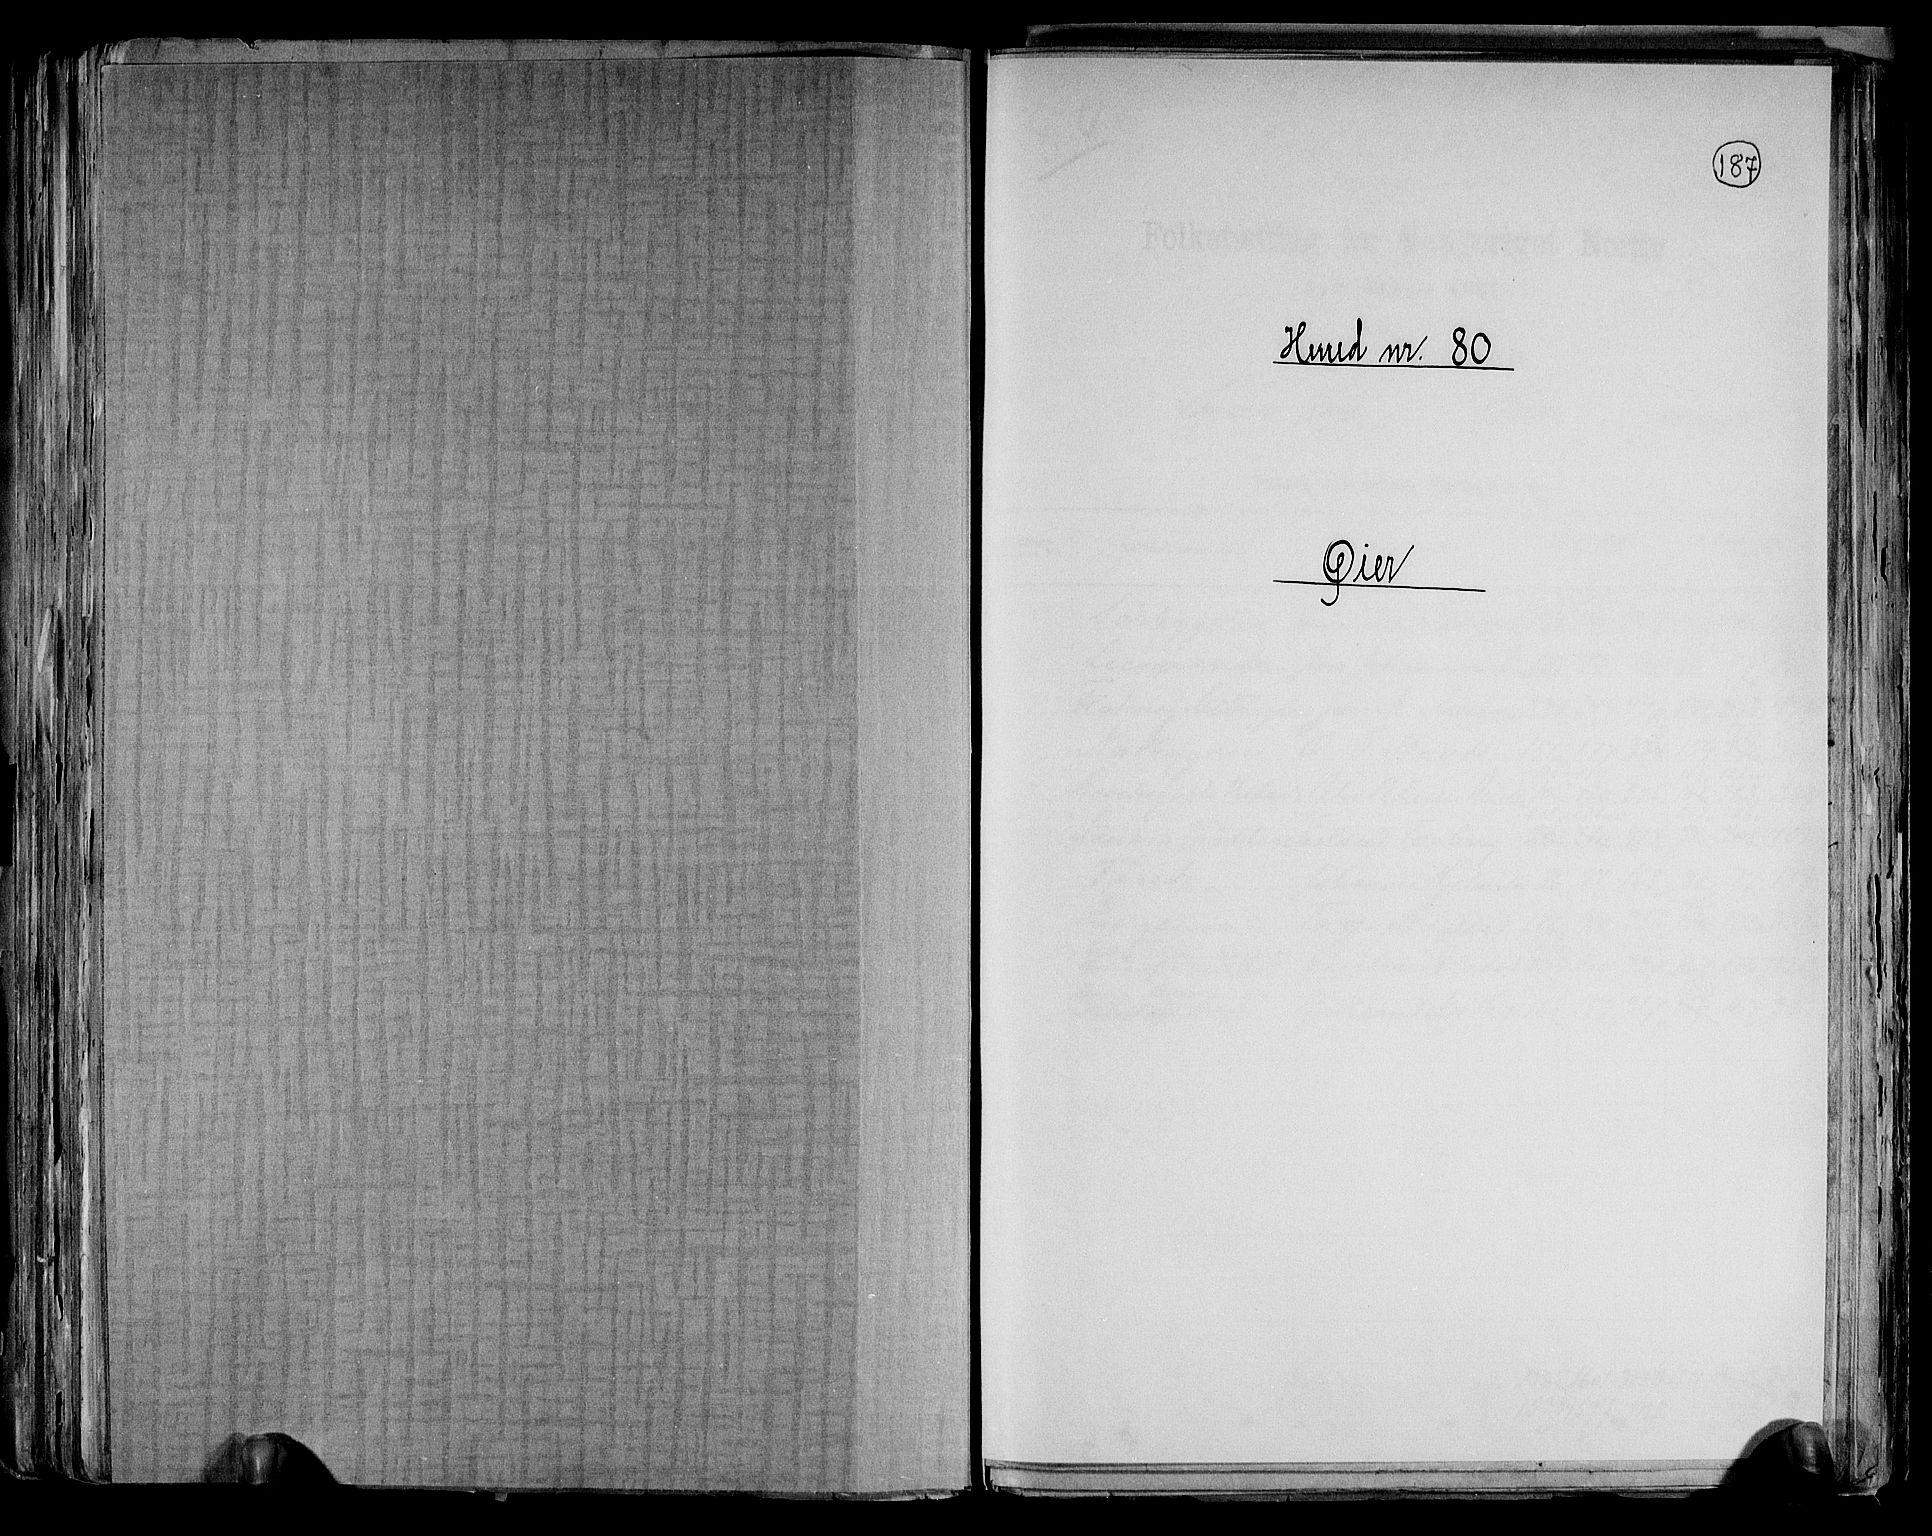 RA, Folketelling 1891 for 0521 Øyer herred, 1891, s. 1